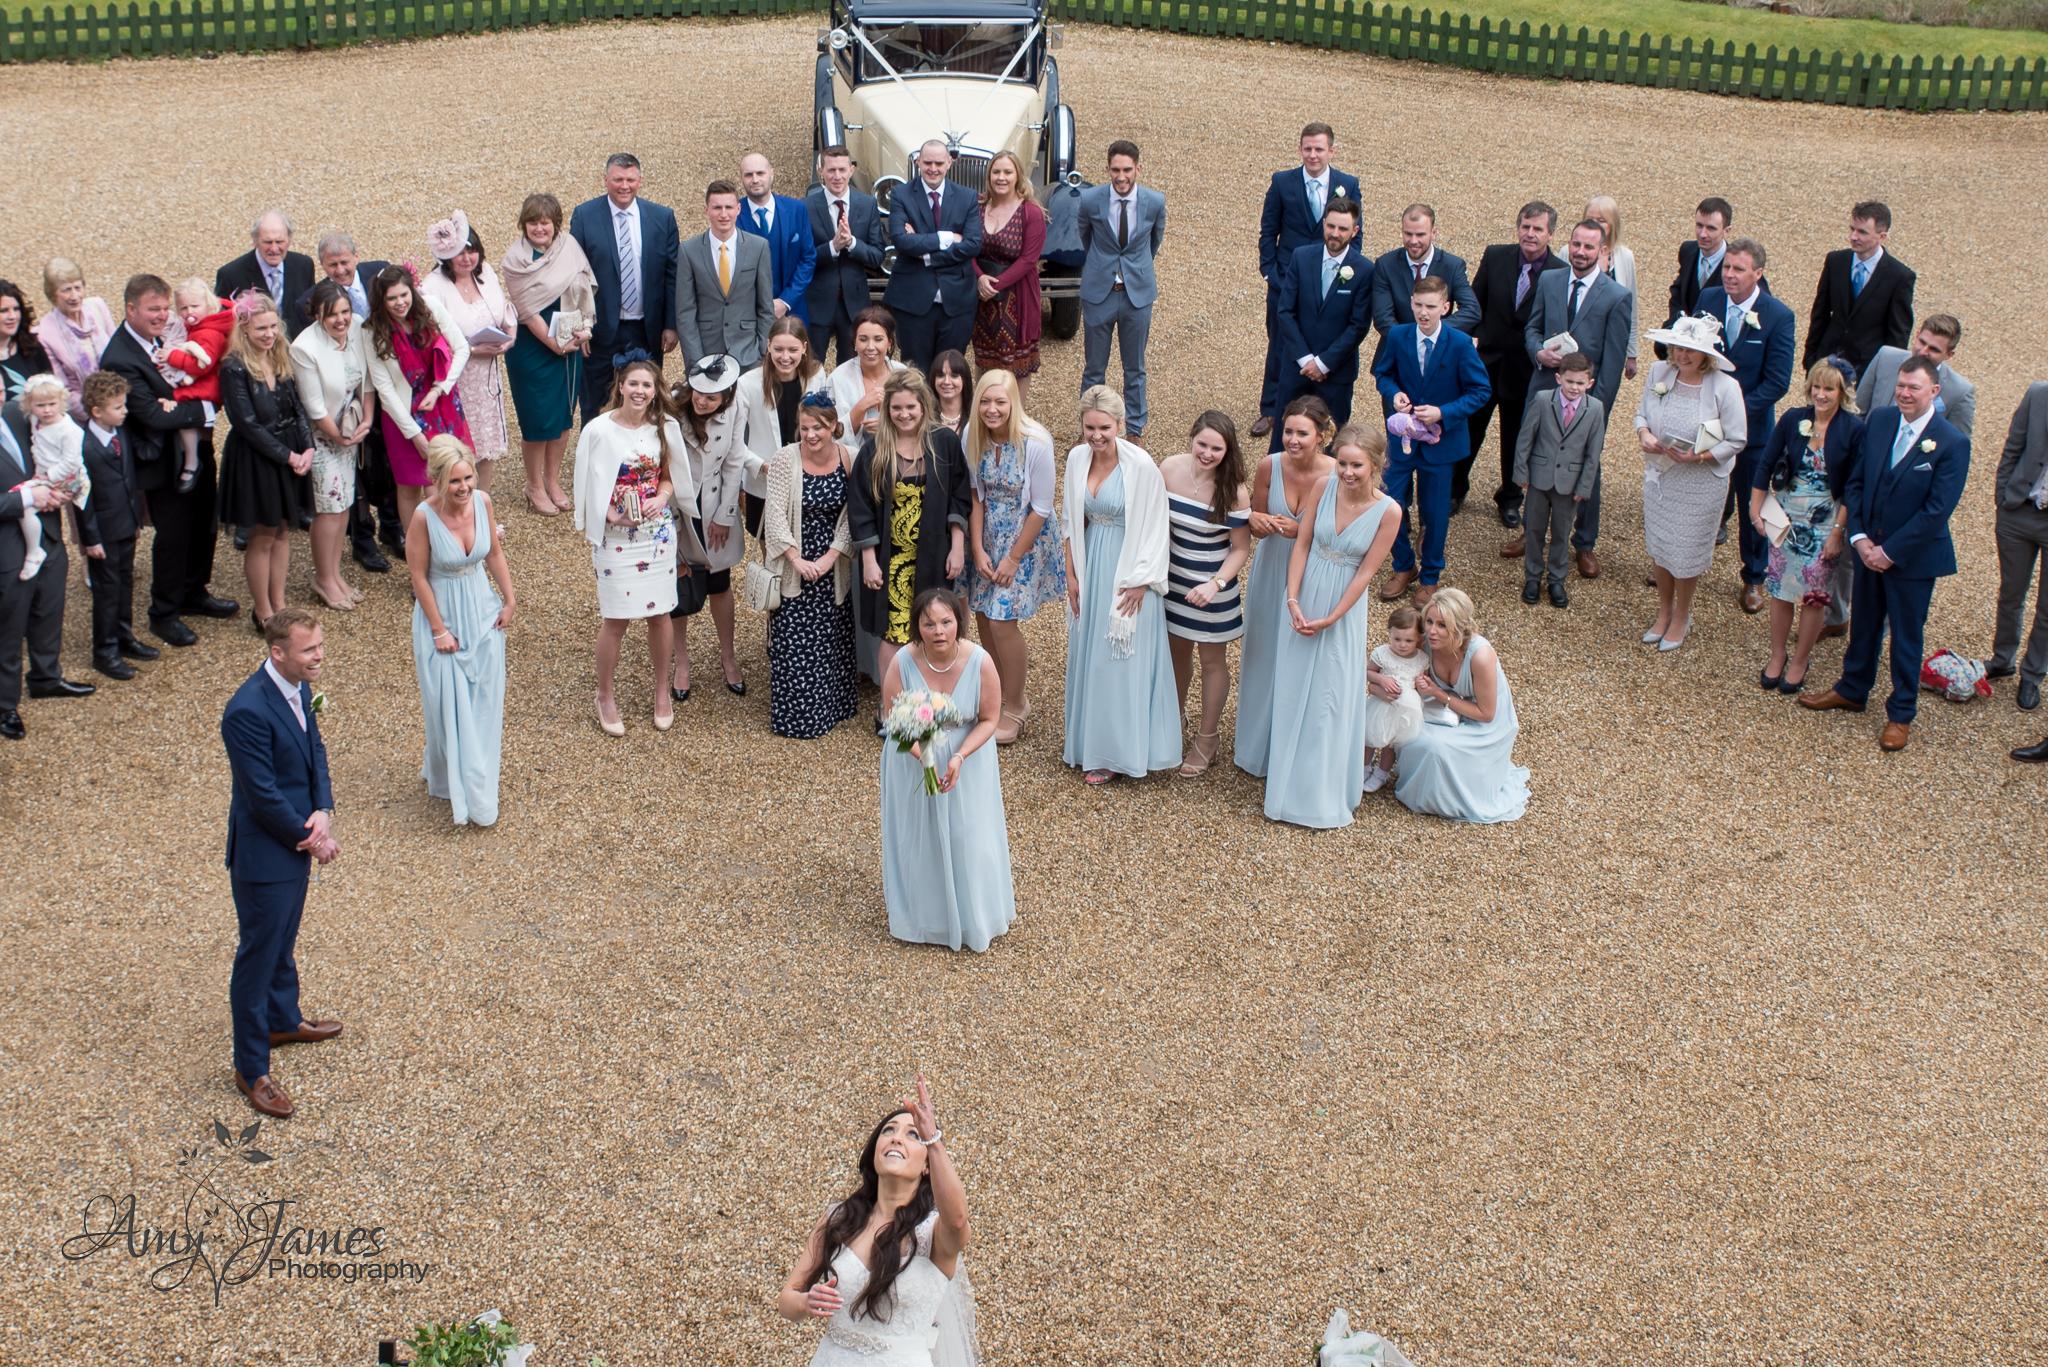 Hampshire wedding photographer // Fleet wedding photographer // Warbrook House wedding photographer // Alsershot Garrison wedding